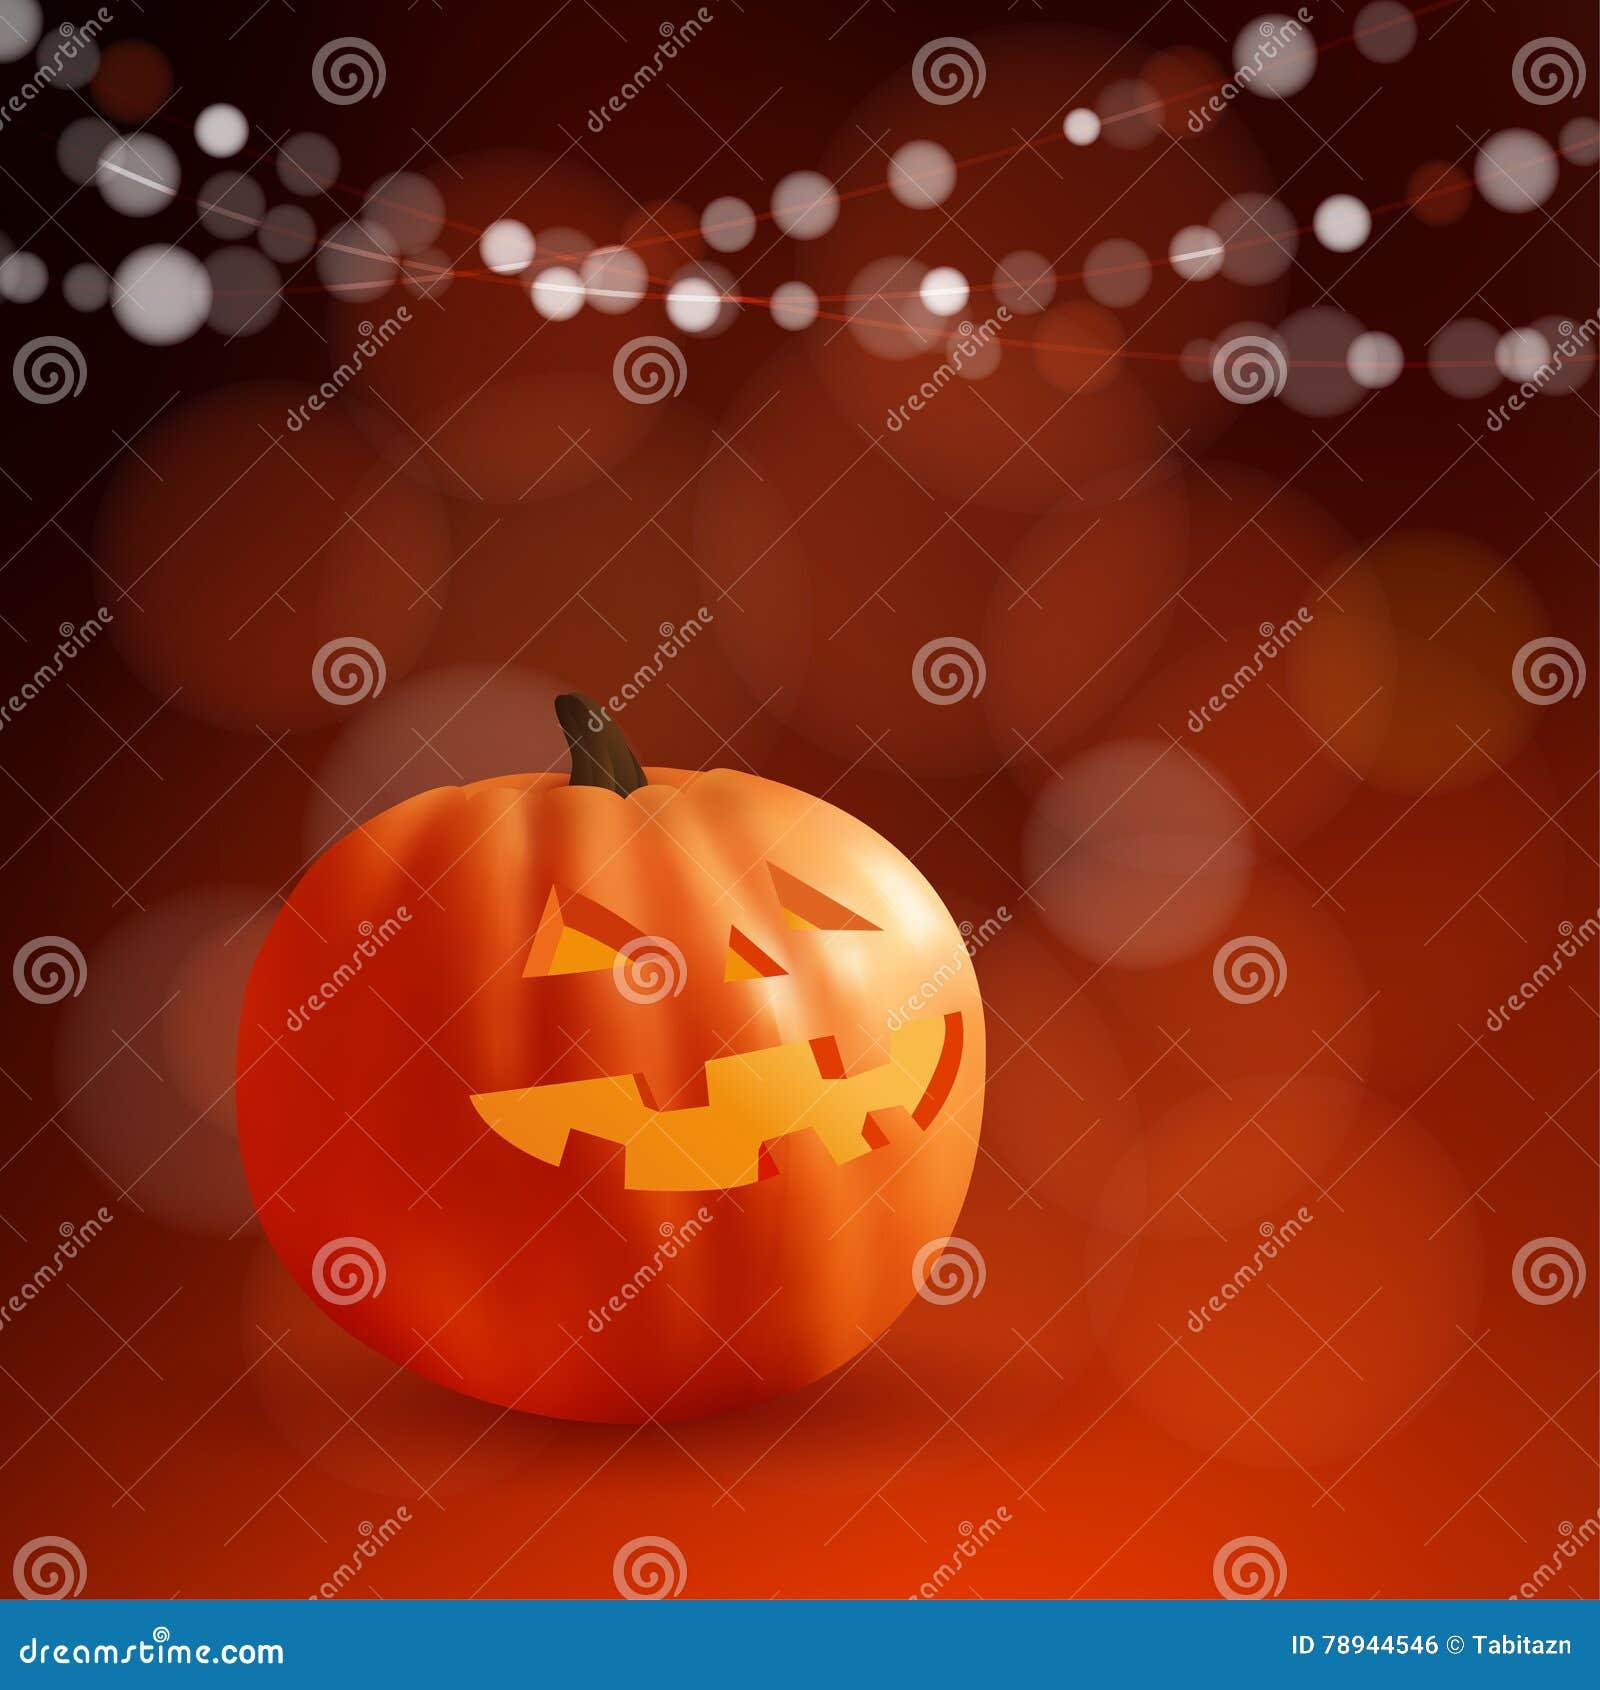 Halloween or dia de los muertos greeting day of the dead card download halloween or dia de los muertos greeting day of the dead card invitation m4hsunfo